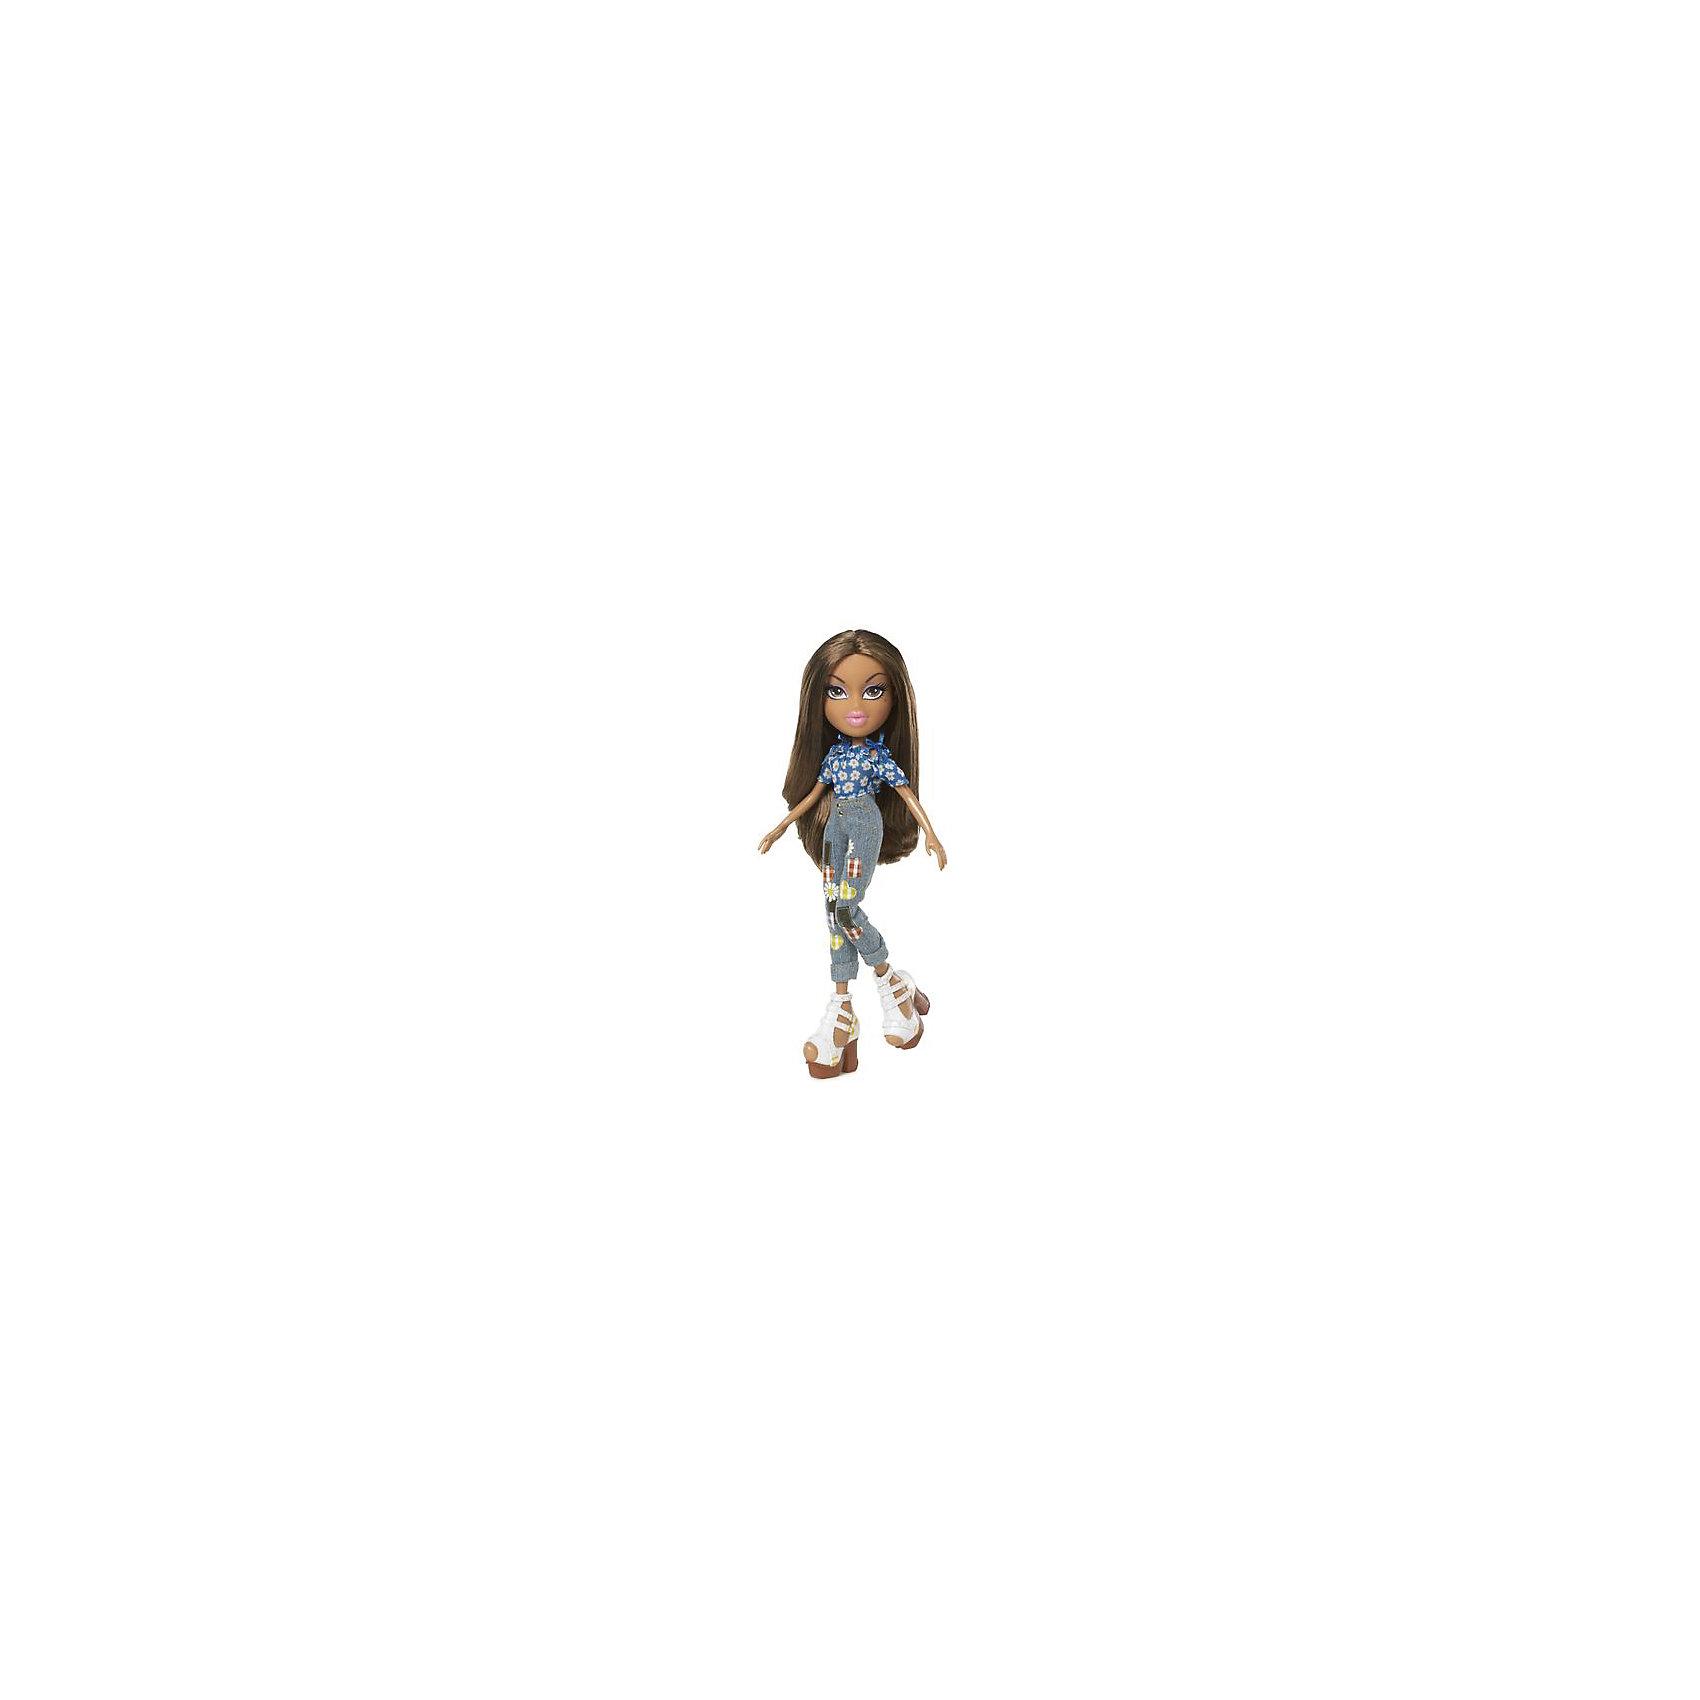 Кукла делюкс Жасмин, Давай знакомиться, BratzКуклы-модели<br>Характеристики товара:<br><br>- цвет: разноцветный;<br>- материал: пластик, текстиль;<br>- особенности: руки и ноги сгибаются;<br>- размер упаковки: 18х31х7 см;<br>- размер куклы: 27 см.<br><br>Такие красивые куклы не оставят ребенка равнодушным! Какая девочка откажется поиграть с куклой Bratz?! Игрушка отлично детализирована, очень качественно выполнена, поэтому она станет отличным подарком ребенку. В наборе идут одежда и аксессуары, которыми можно украсить куклу!<br>Изделие произведено из высококачественного материала, безопасного для детей.<br><br>Куклу делюкс Жасмин, Давай знакомиться, от бренда Bratz можно купить в нашем интернет-магазине.<br><br>Ширина мм: 180<br>Глубина мм: 310<br>Высота мм: 70<br>Вес г: 400<br>Возраст от месяцев: 48<br>Возраст до месяцев: 2147483647<br>Пол: Женский<br>Возраст: Детский<br>SKU: 5040282